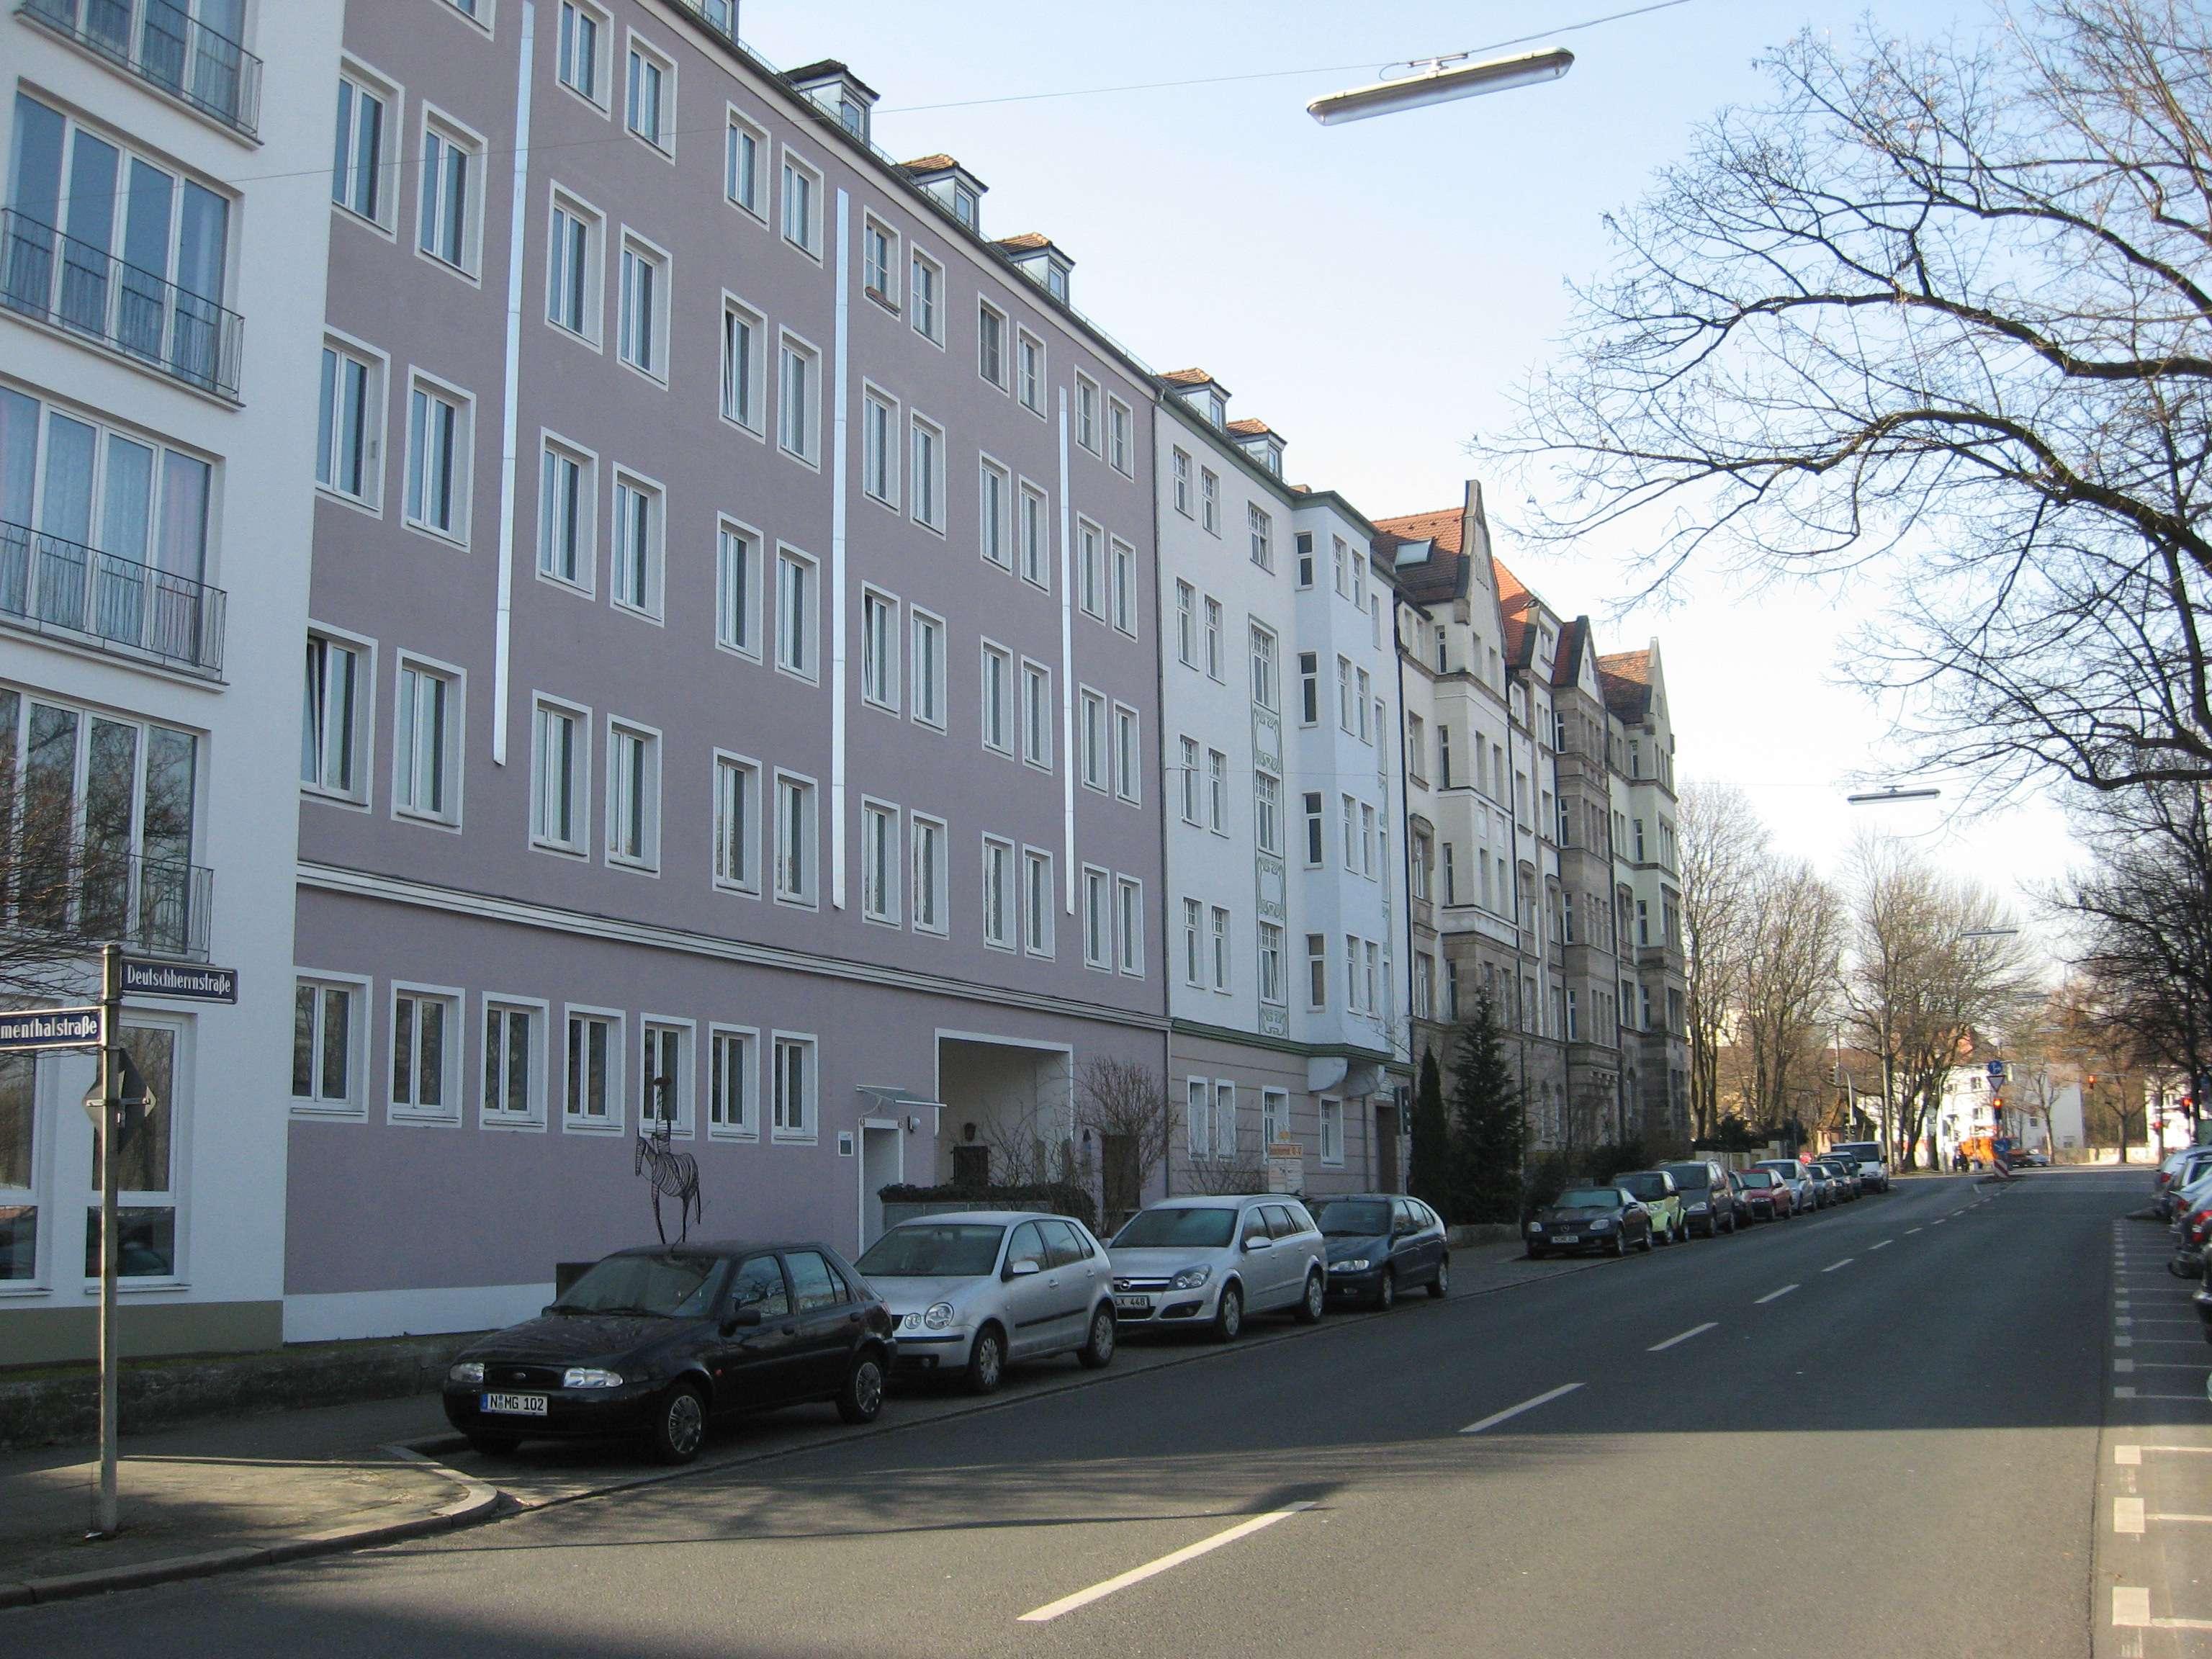 Großzügige, loftähnliche 2-Zimmer-Wohnung zu vermieten in Himpfelshof (Nürnberg)